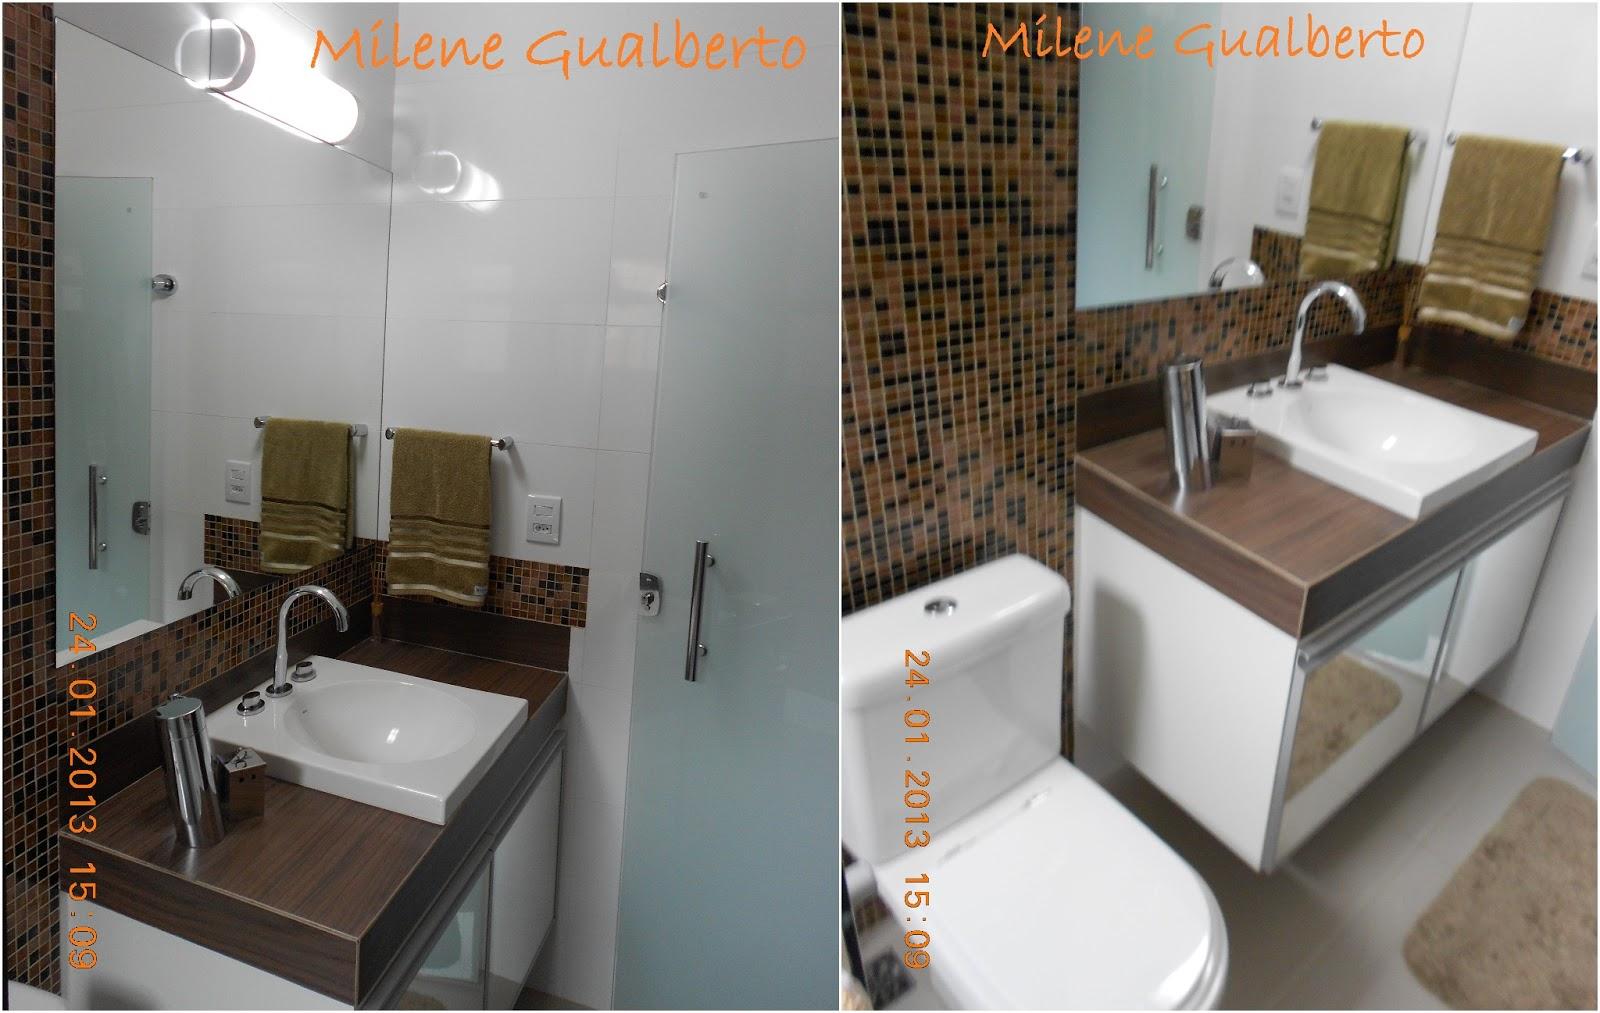 Banheiro Bancada porcelanato madeira  Milene Gualberto 02 horz.jpg #A45C27 1600x1013 Banheiro Bancada Porcelanato